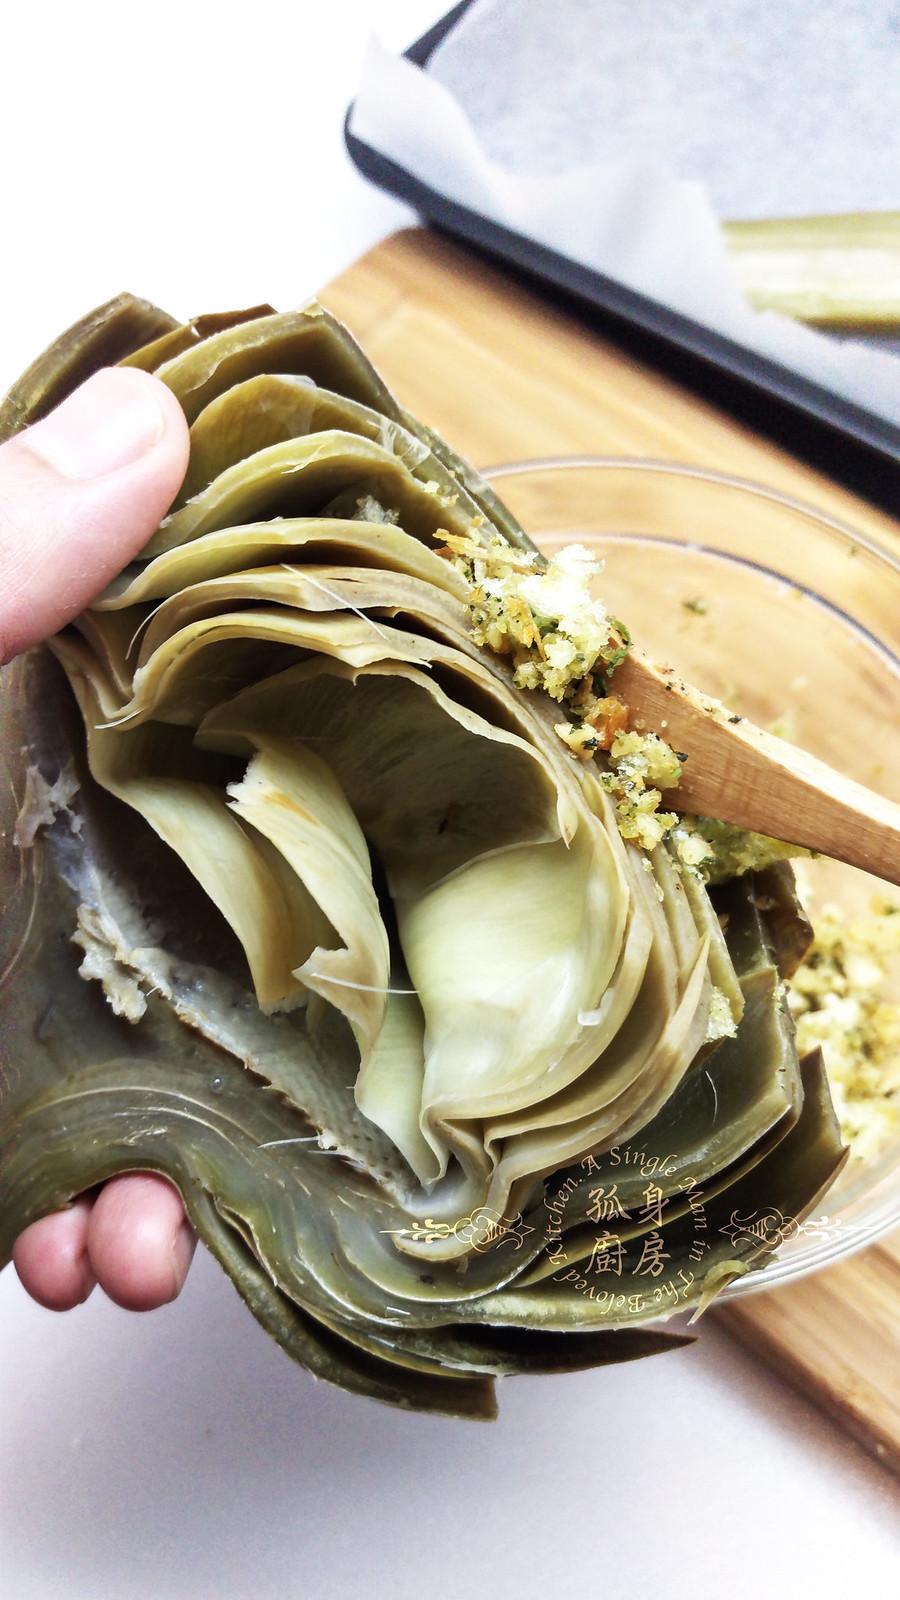 孤身廚房-青醬帕瑪森起司鑲烤朝鮮薊佐簡易油醋蘿蔓沙拉14